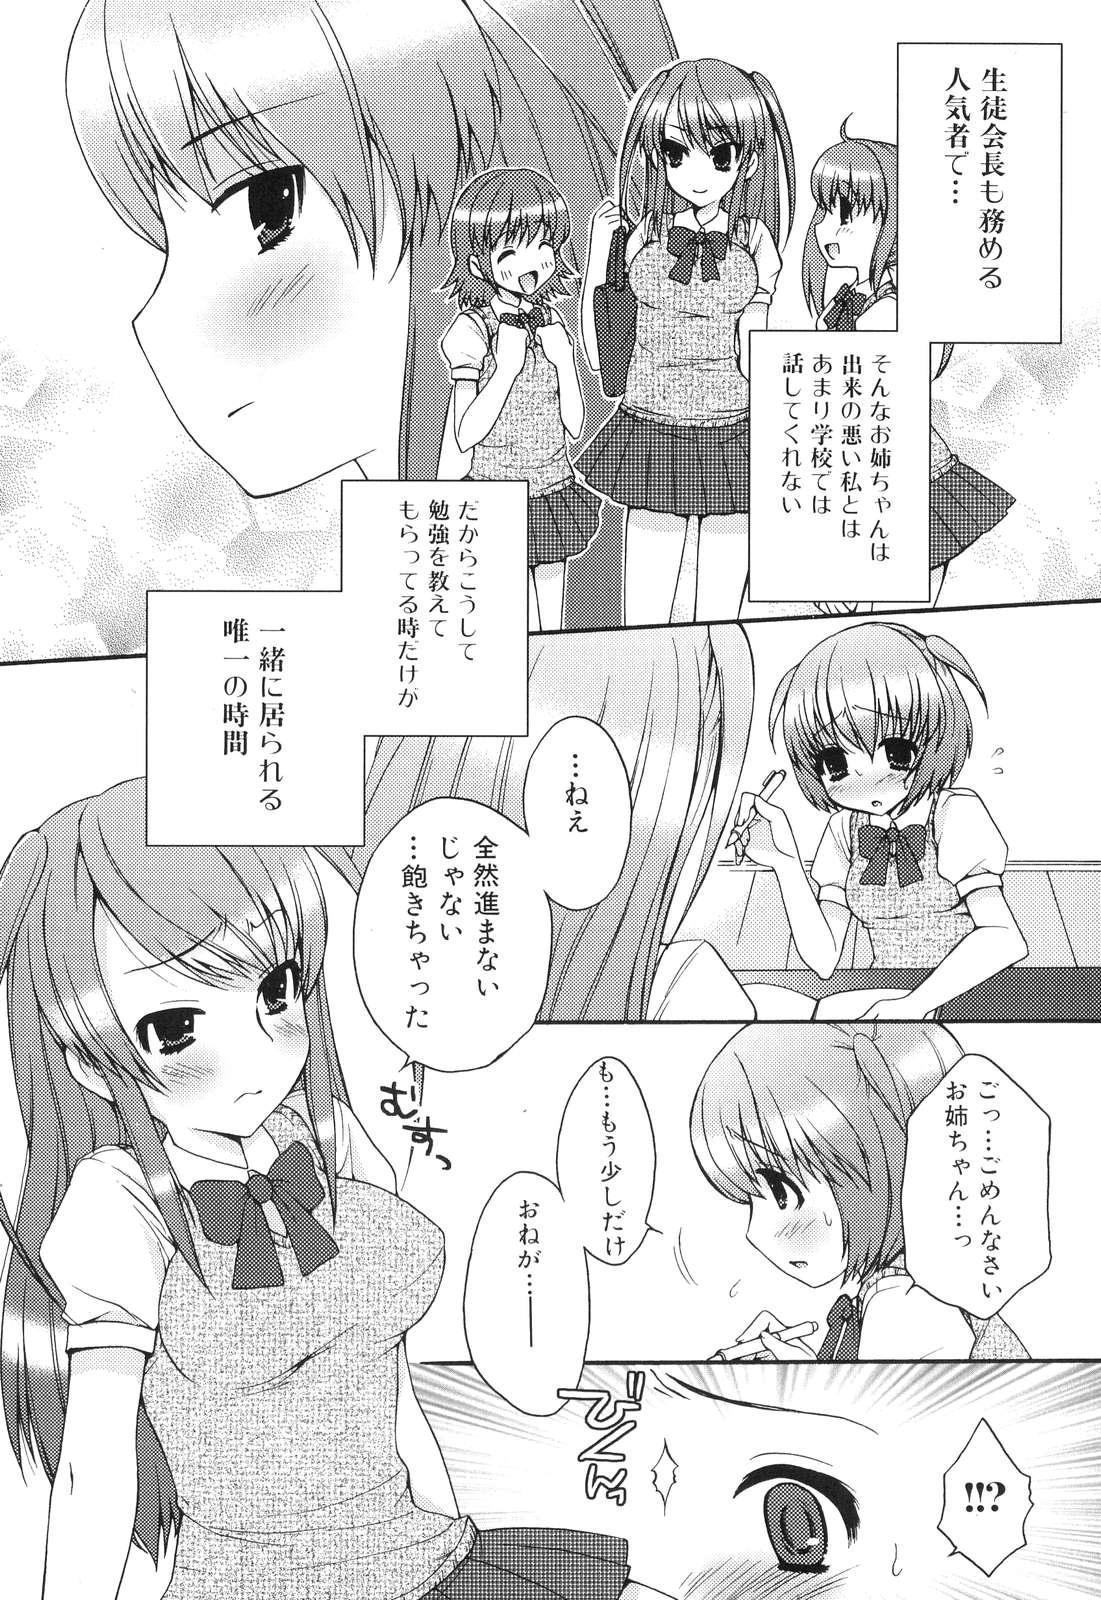 Futanarikko Lovers 5 117